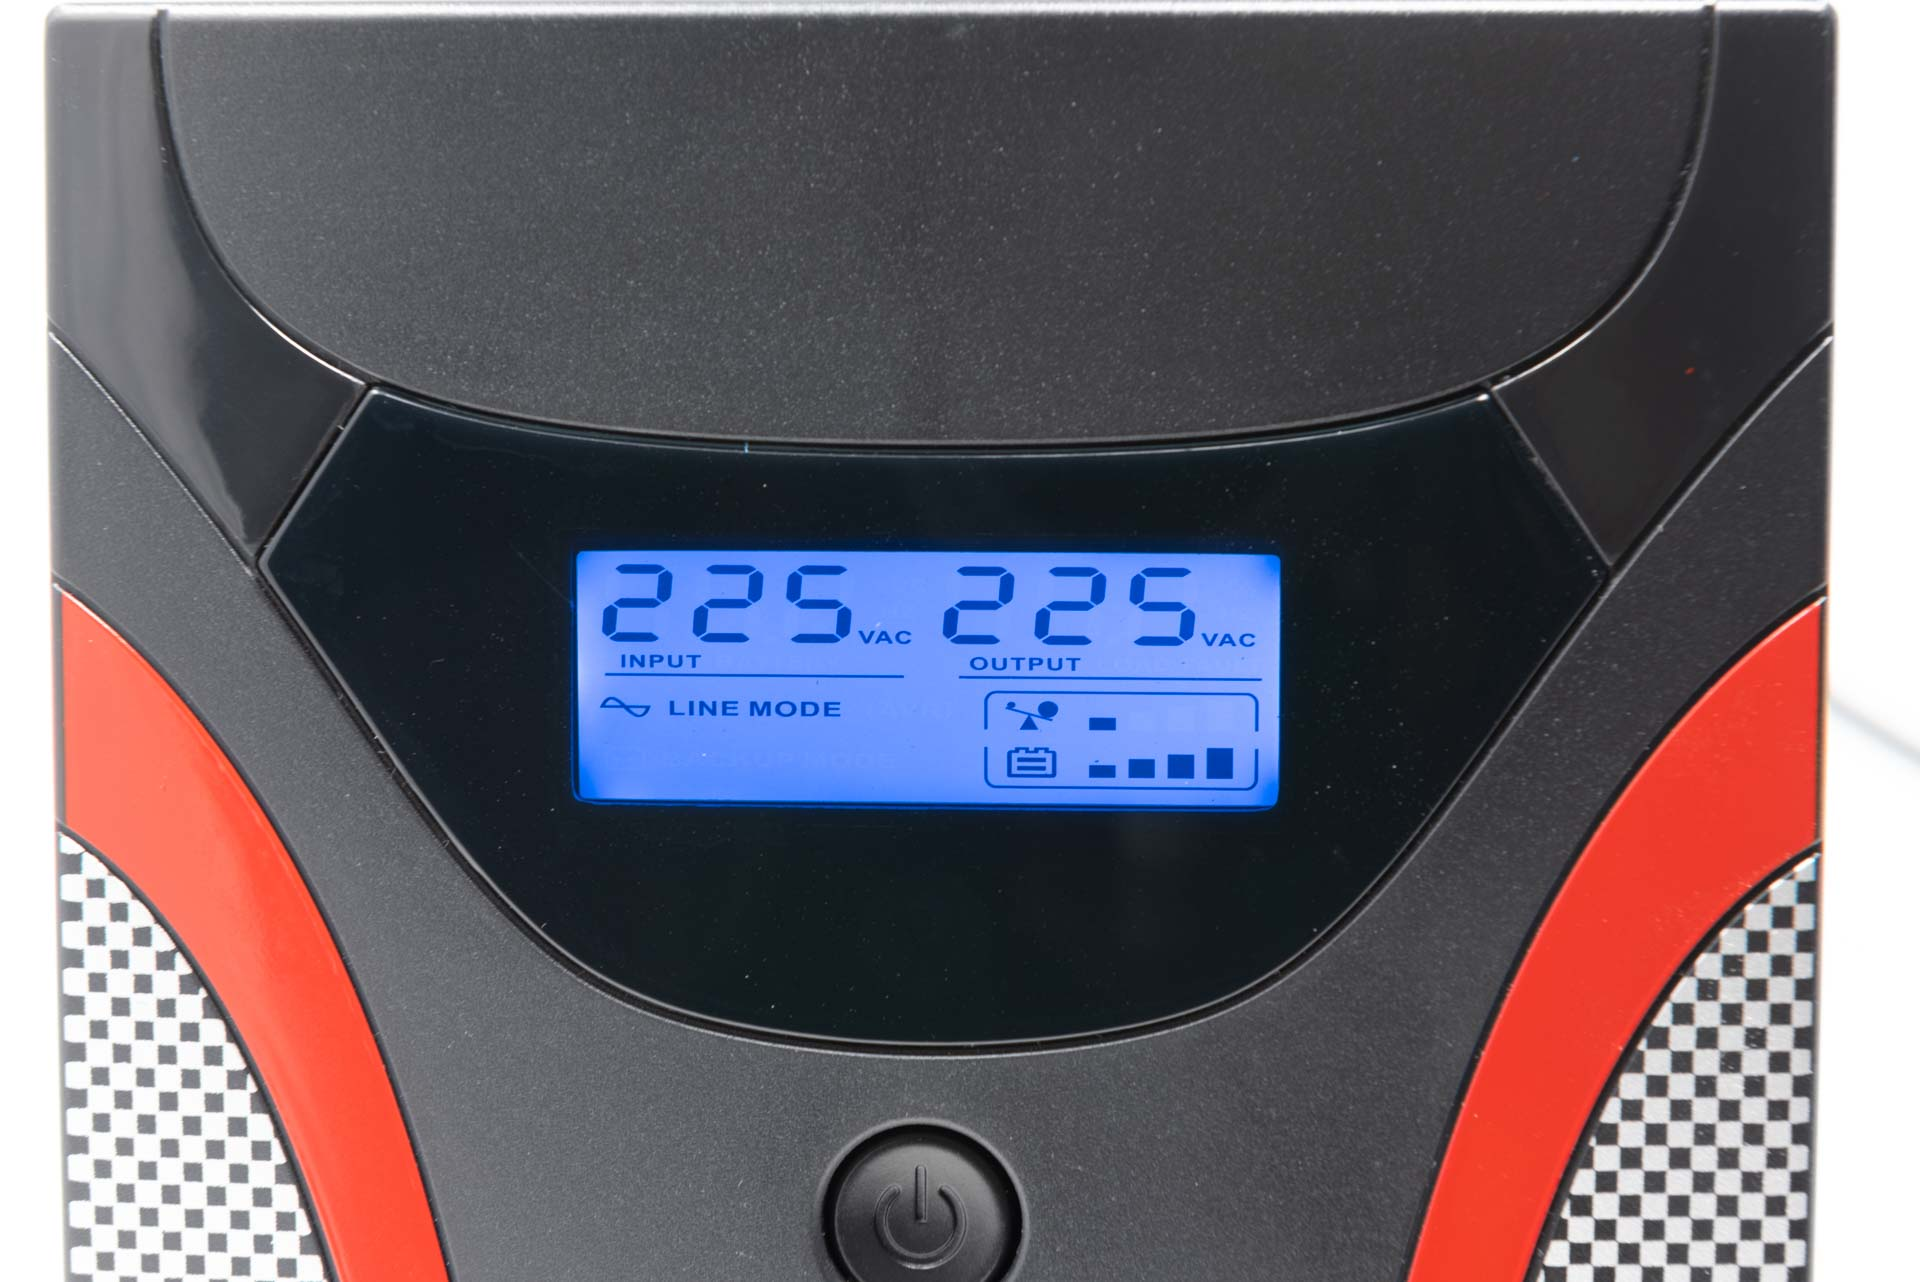 PowerWalker VI 2200 GX